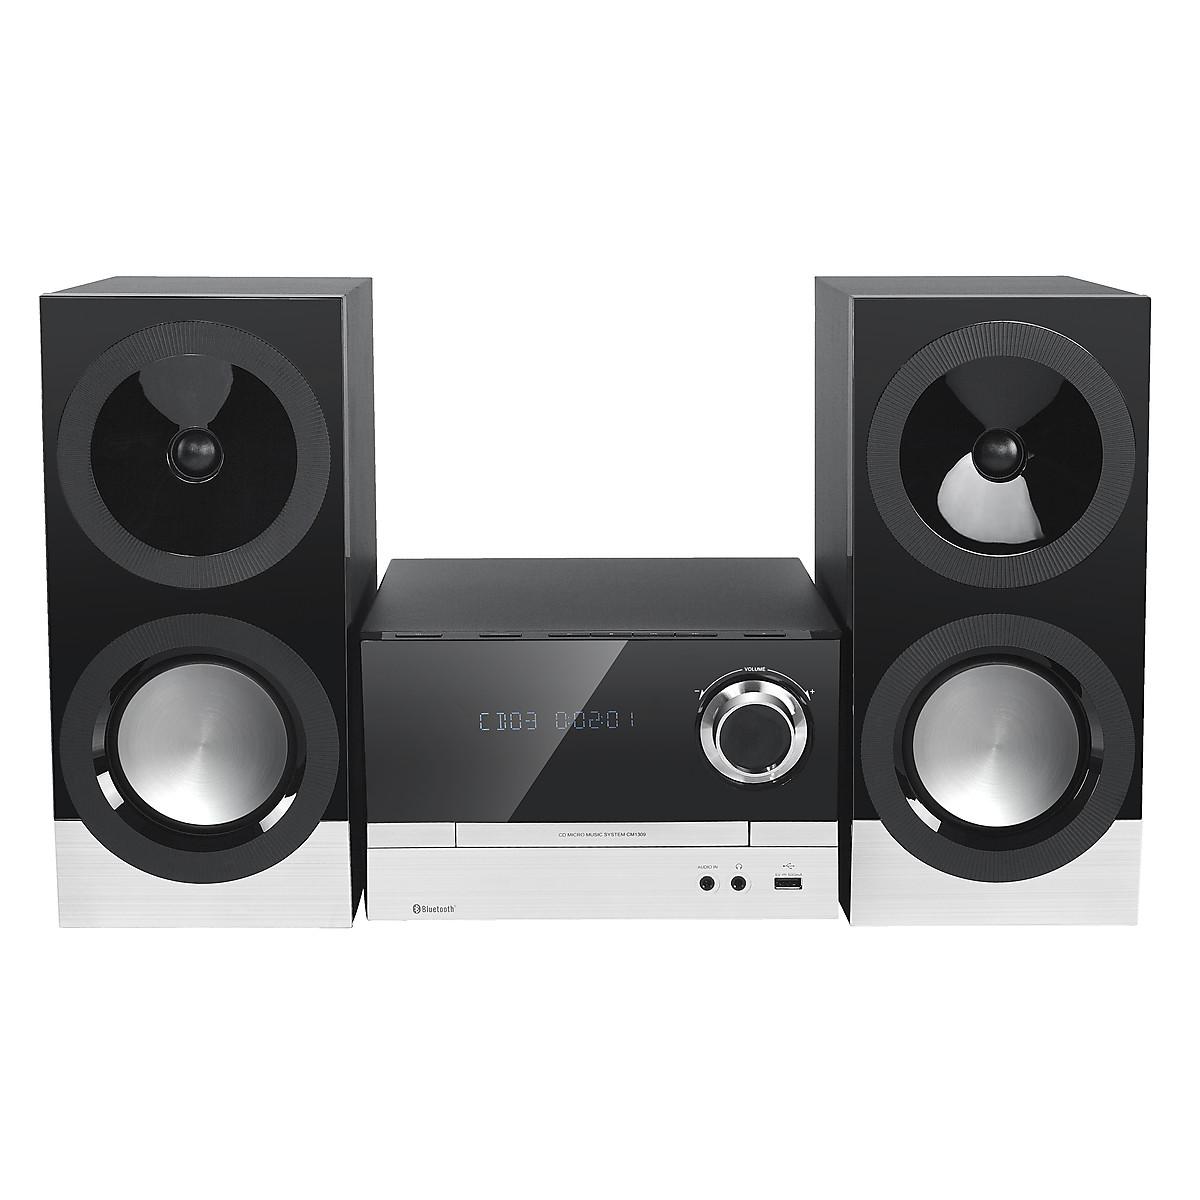 Exibel BDX610 musikkanlegg med Bluetooth og DAB